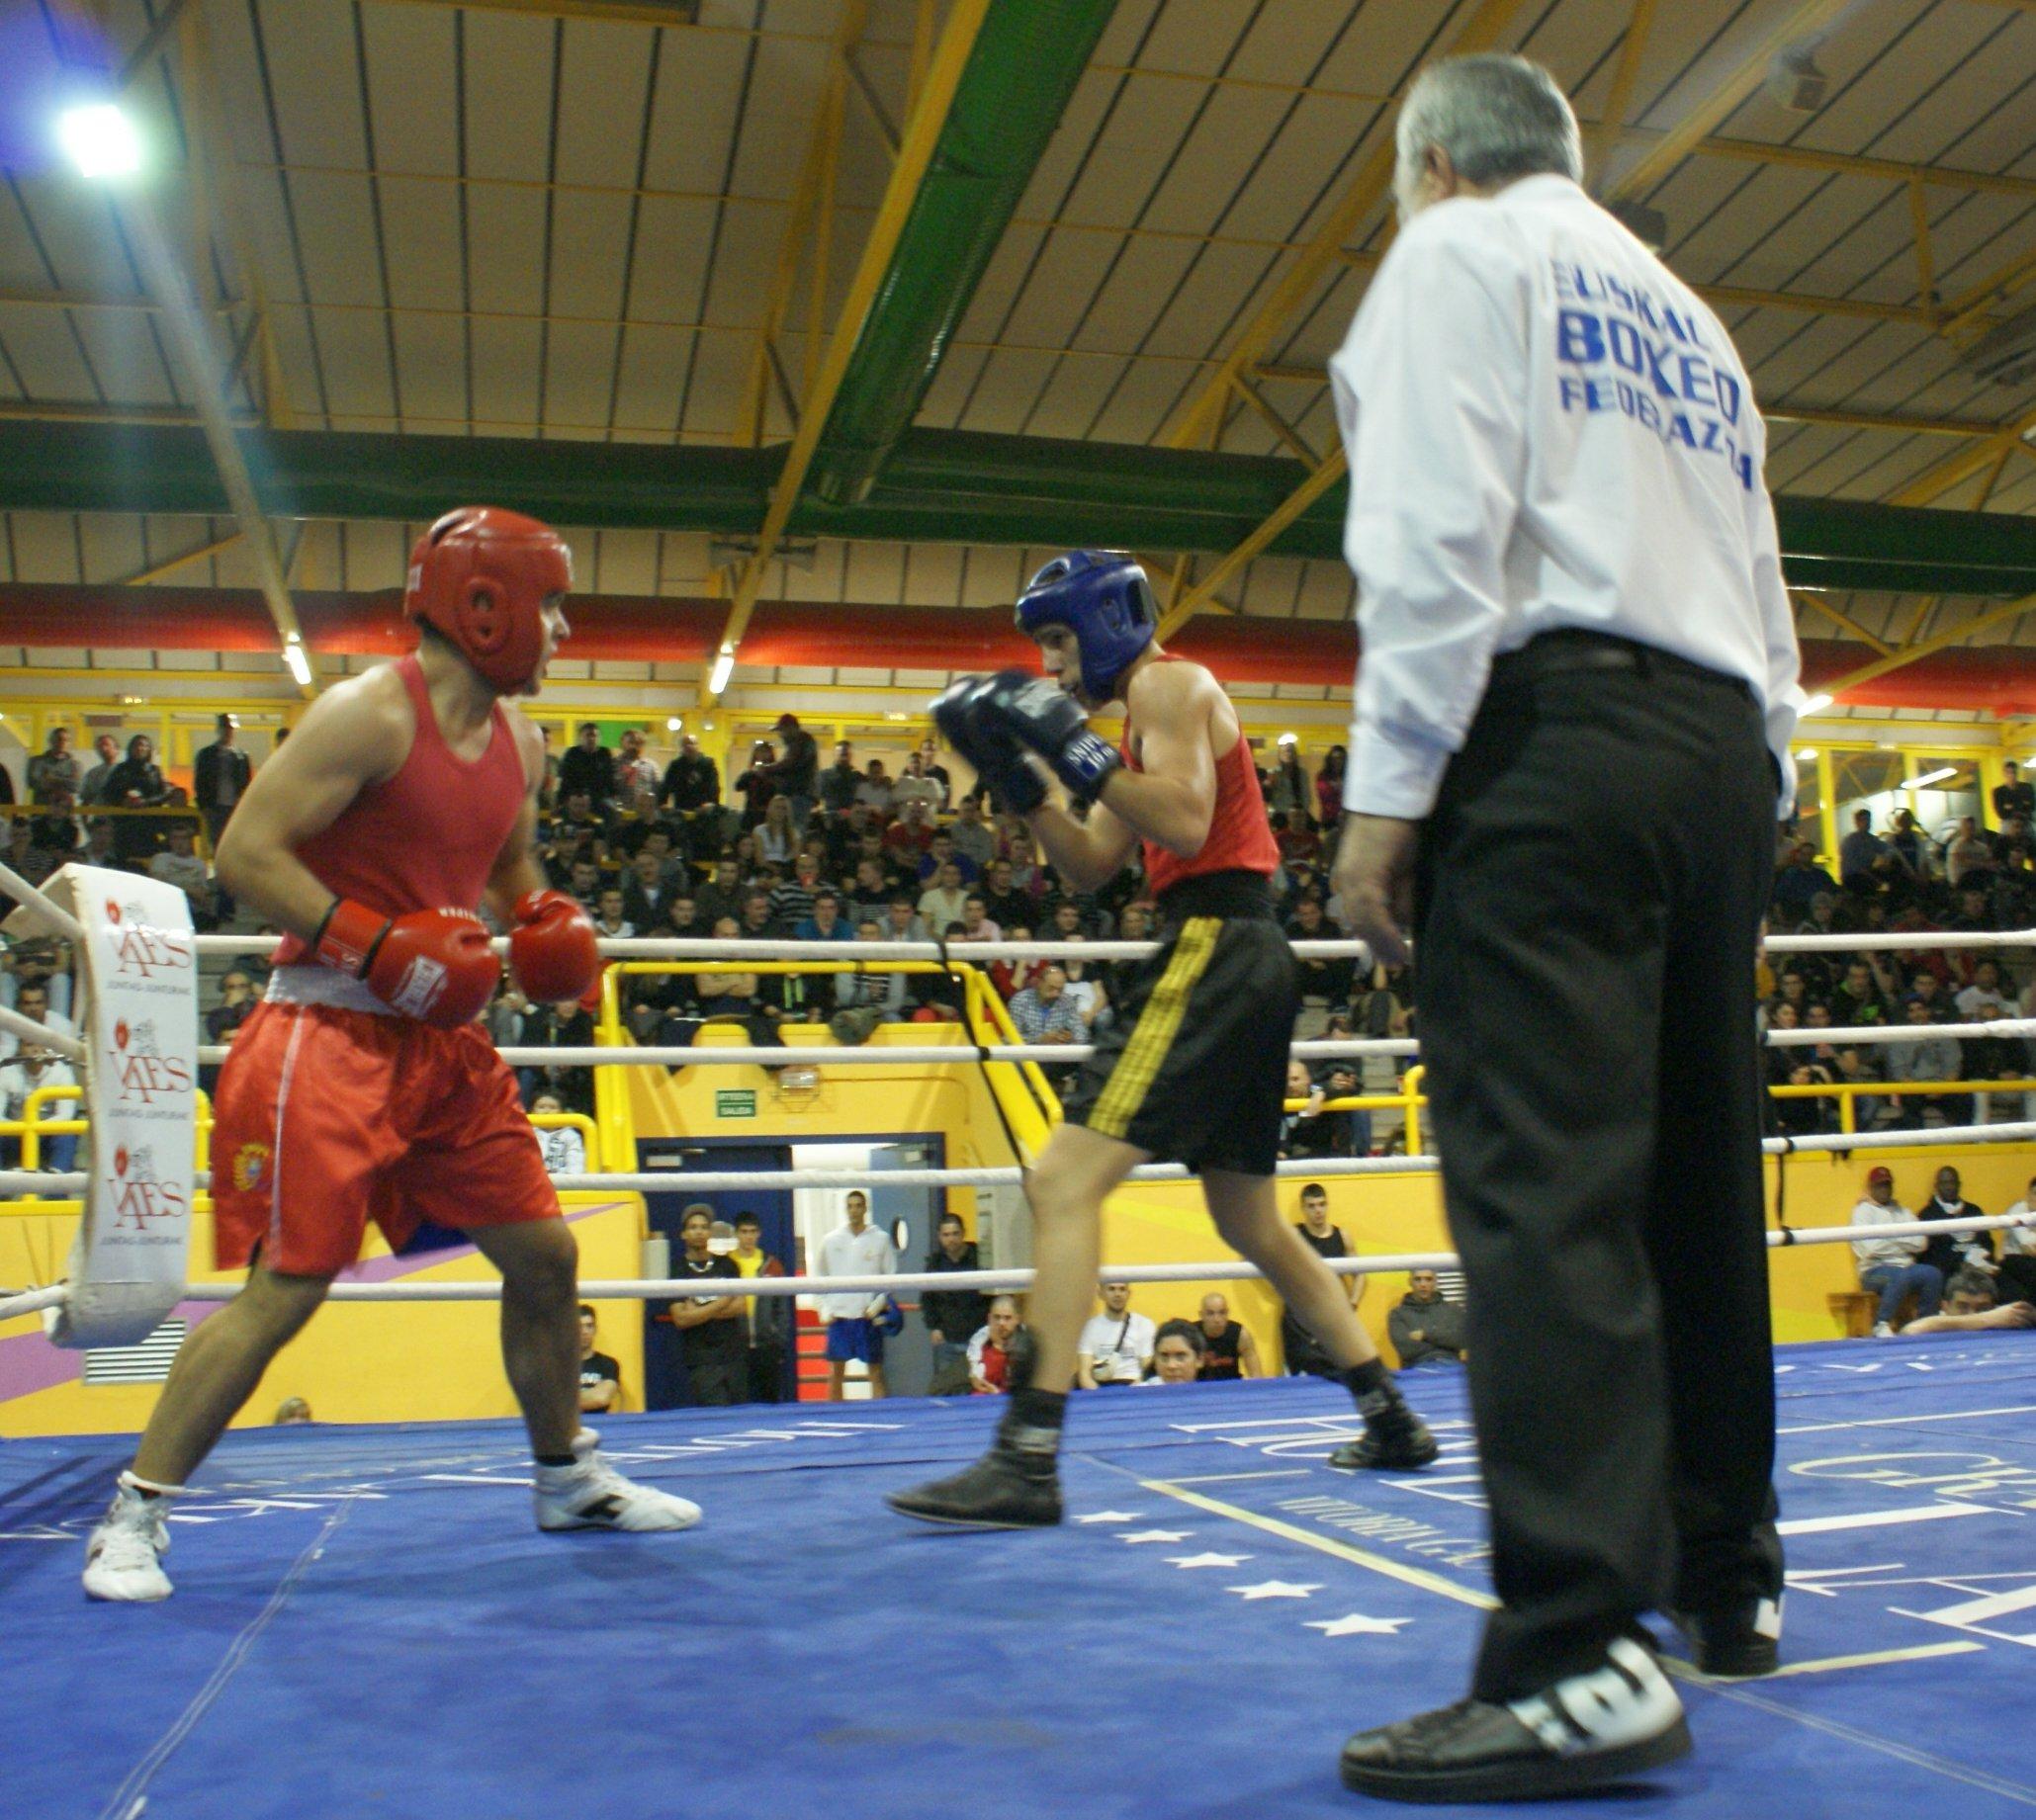 Combate de boxeo amateur en el polideportivo Txurdinaga de Bilbao 5